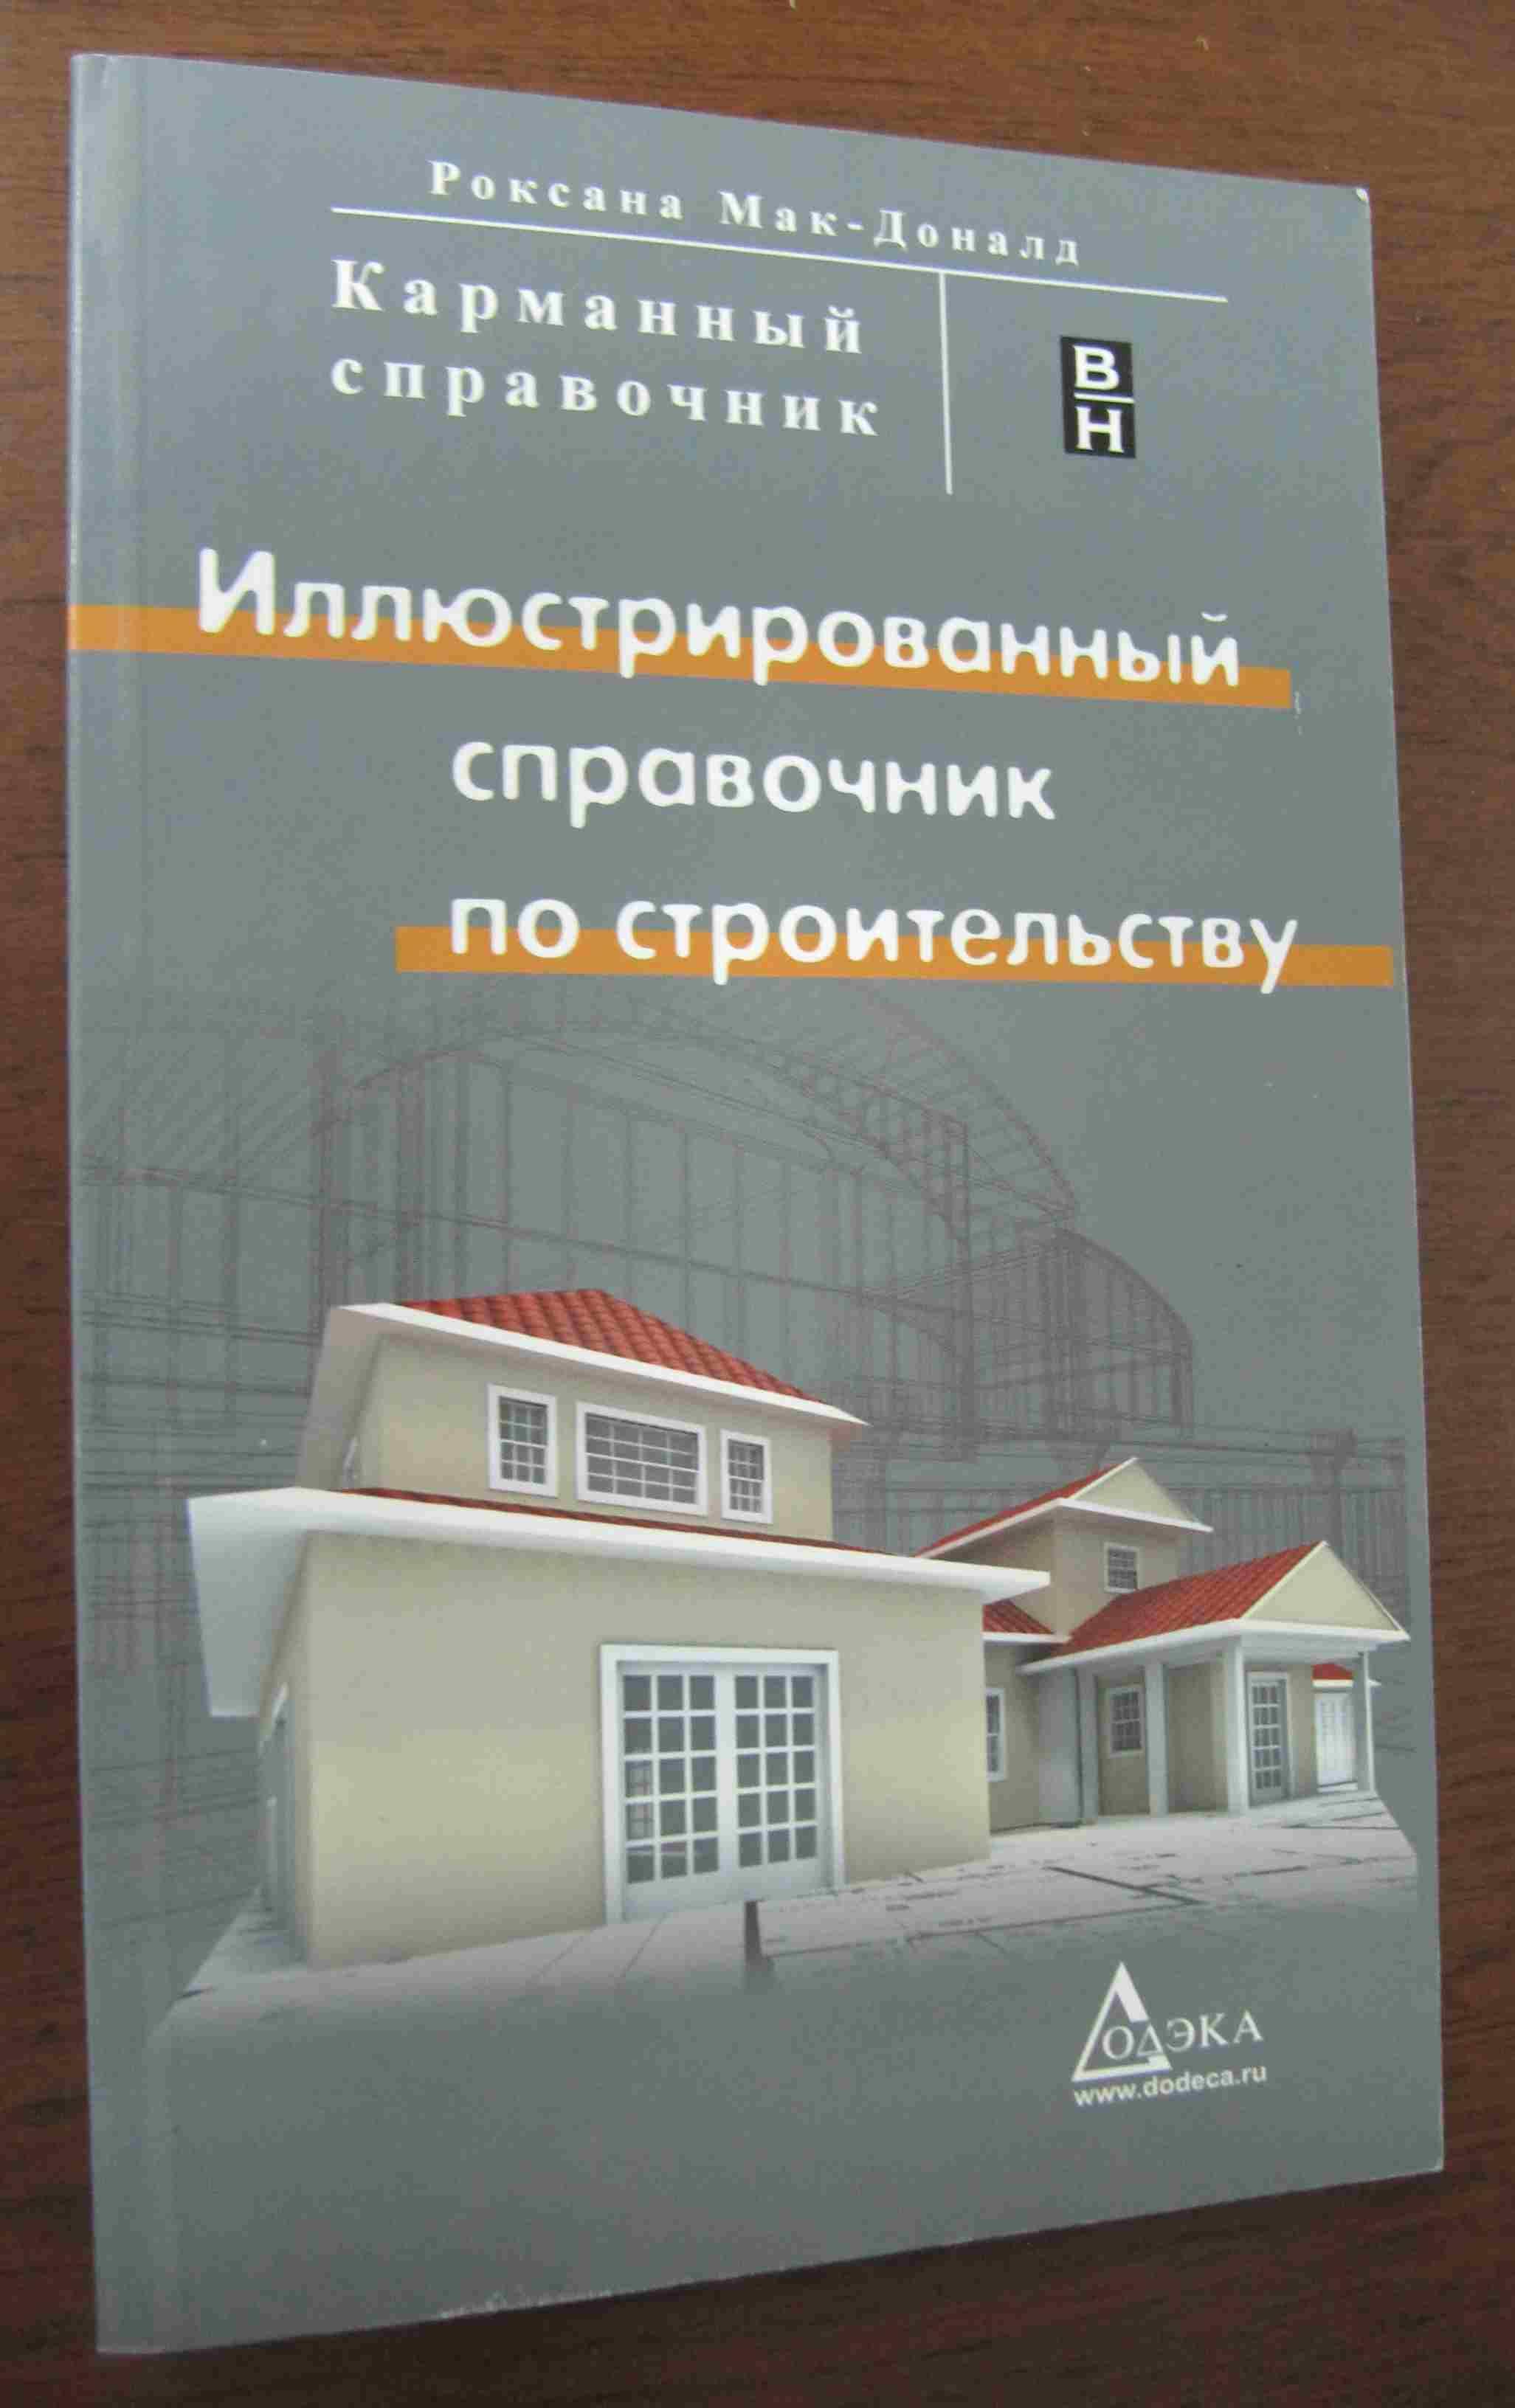 Современные строительные материалы.литература купить песок дешево в Ижевск